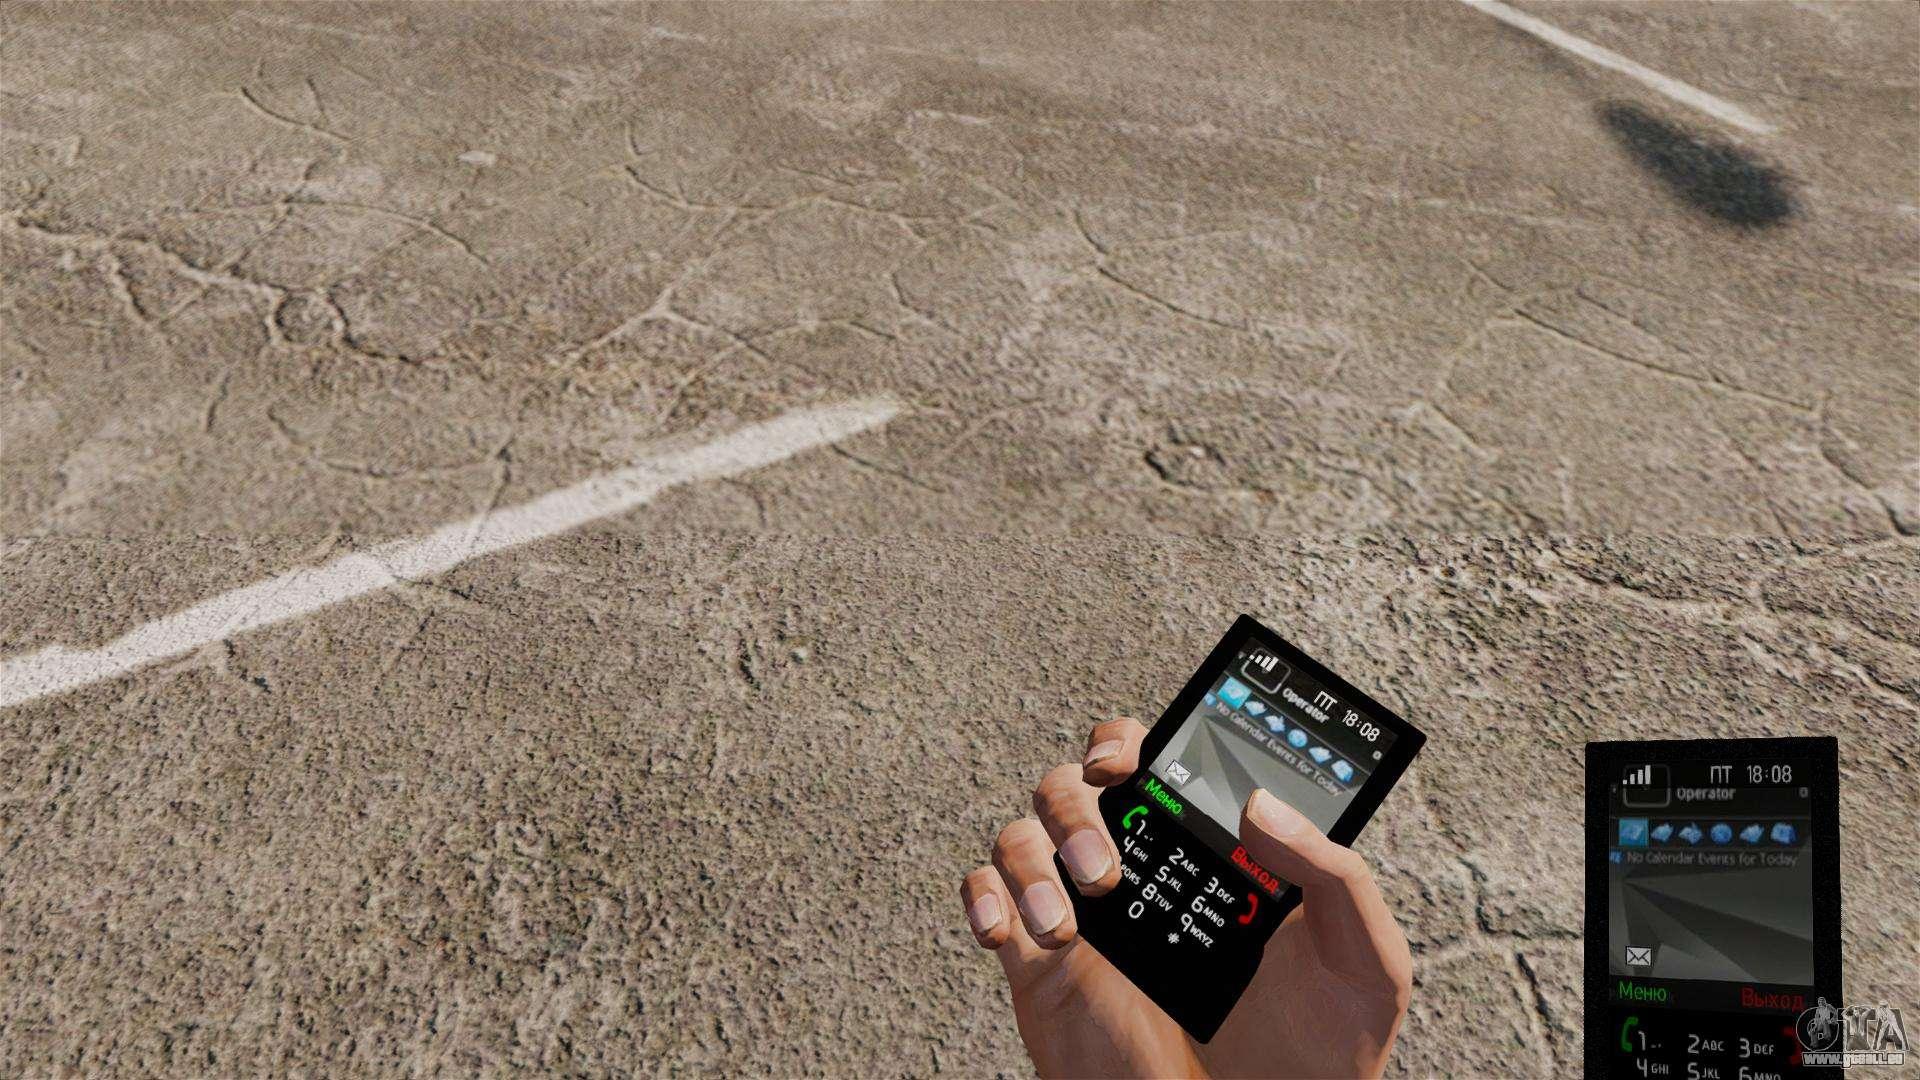 MP3 N73 LECTEUR TÉLÉCHARGER POUR NOKIA